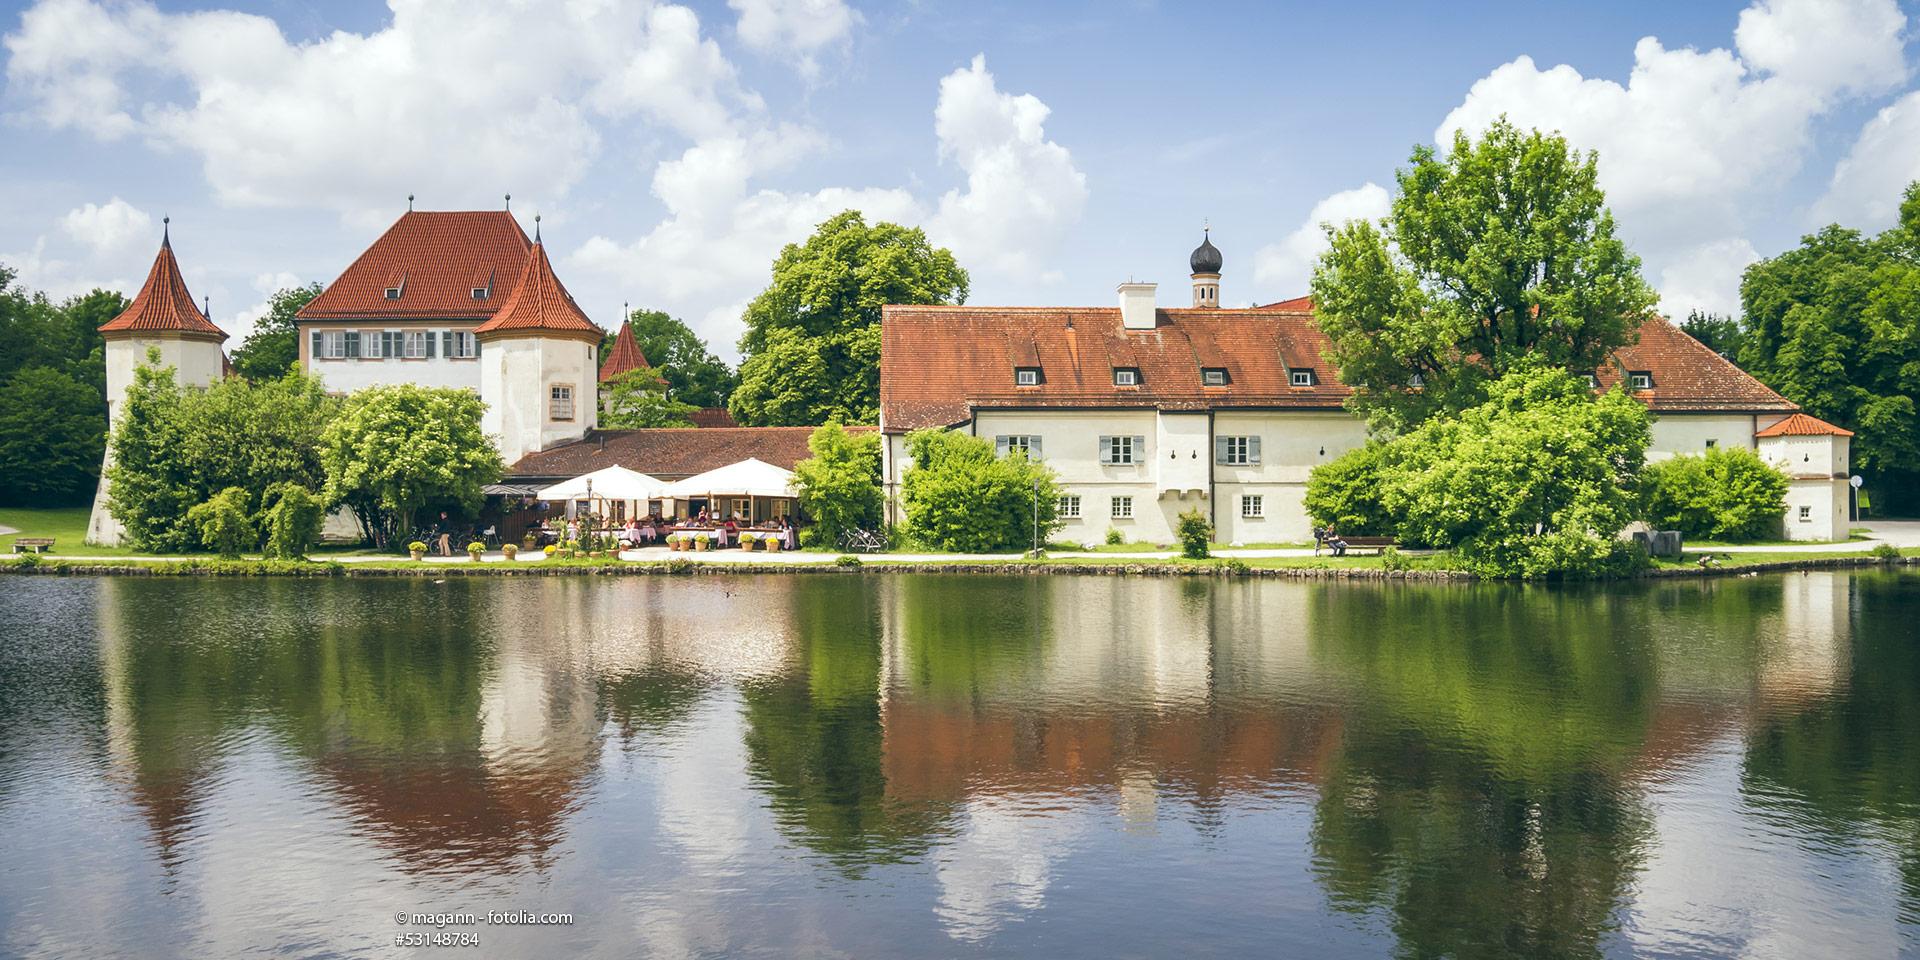 Lebenswerte Metropolregion München: der Münchner Stadtteil Lochhausen